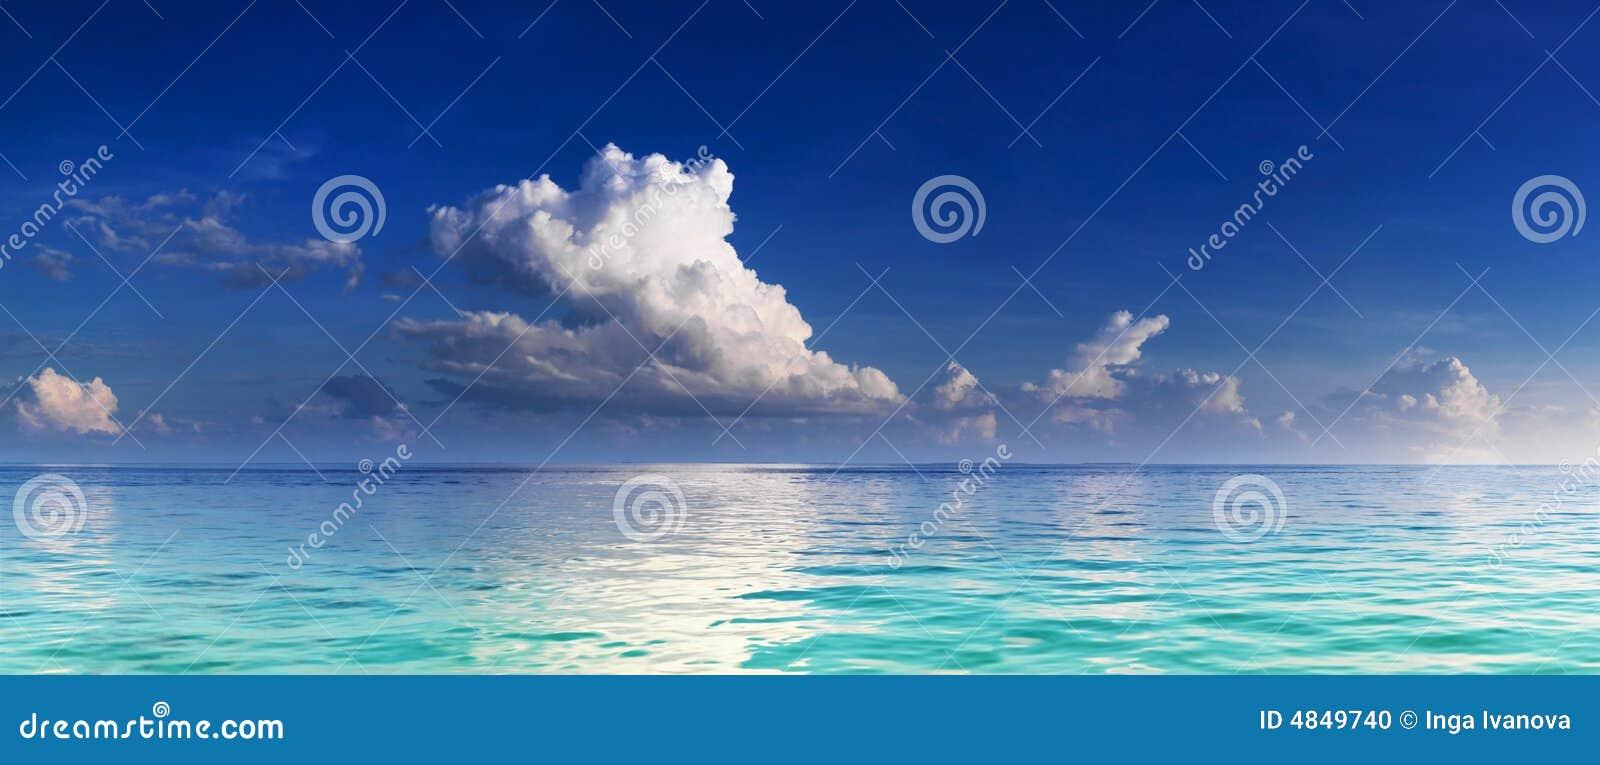 Panorama de lagune de turquoise